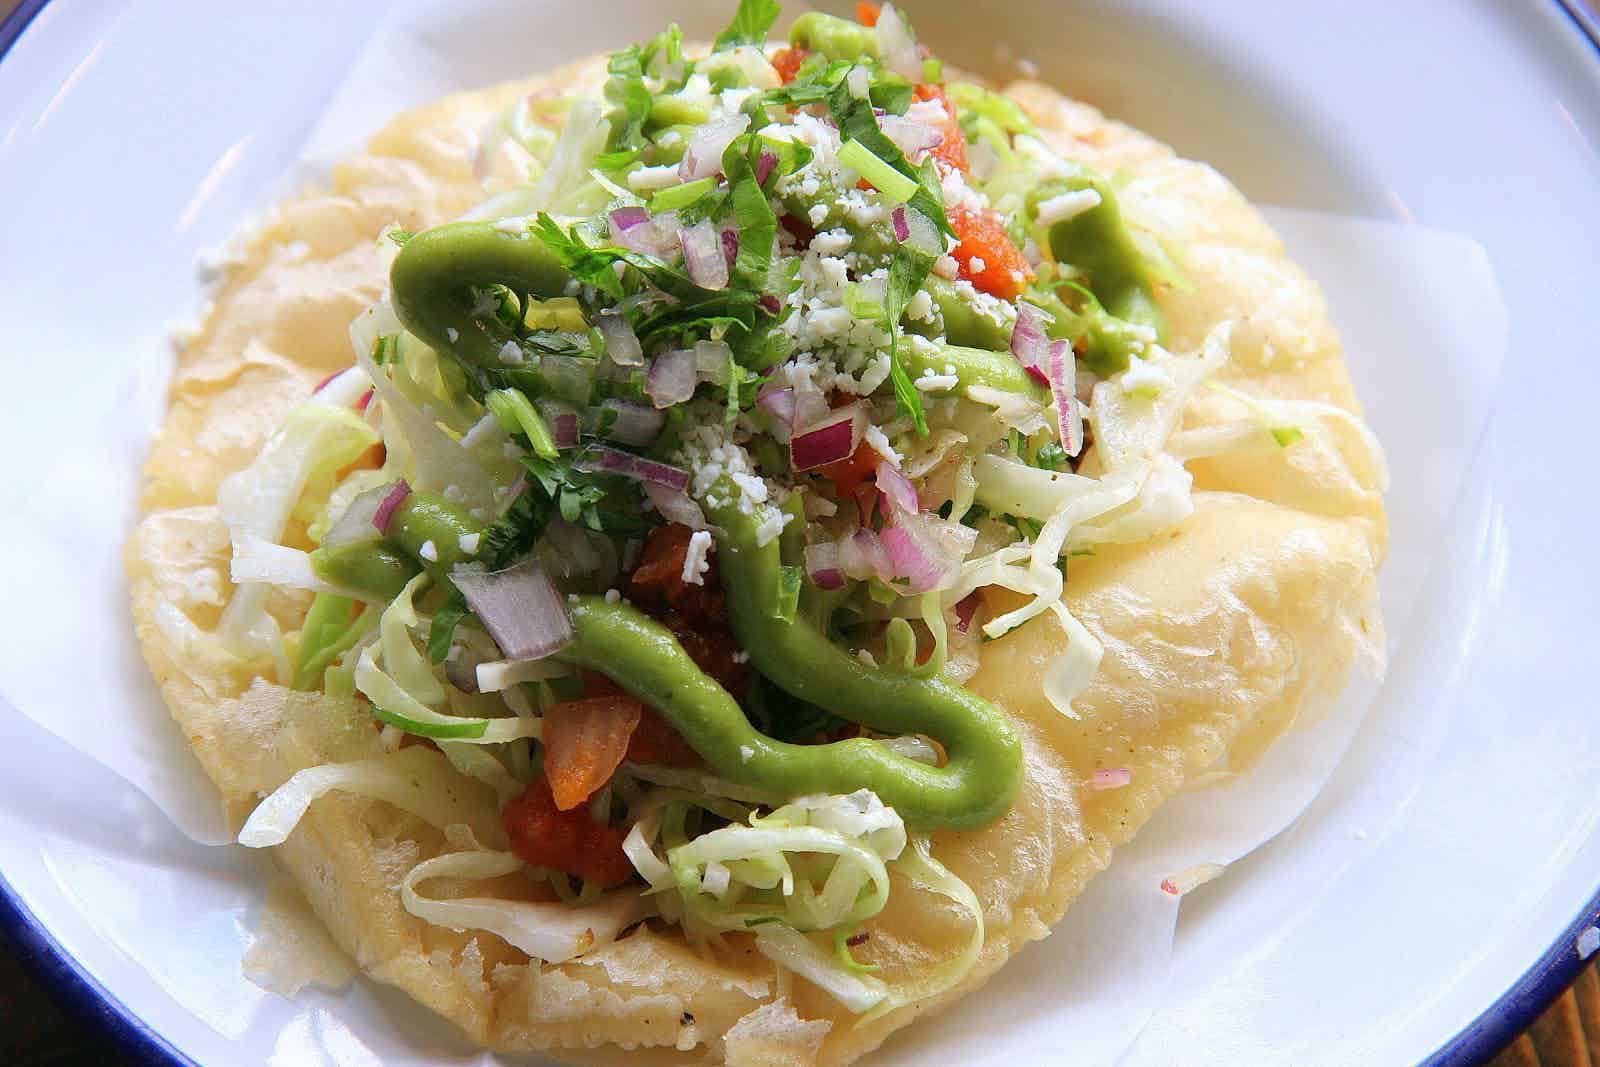 Best Mexican Restaurants in LA - Zagat